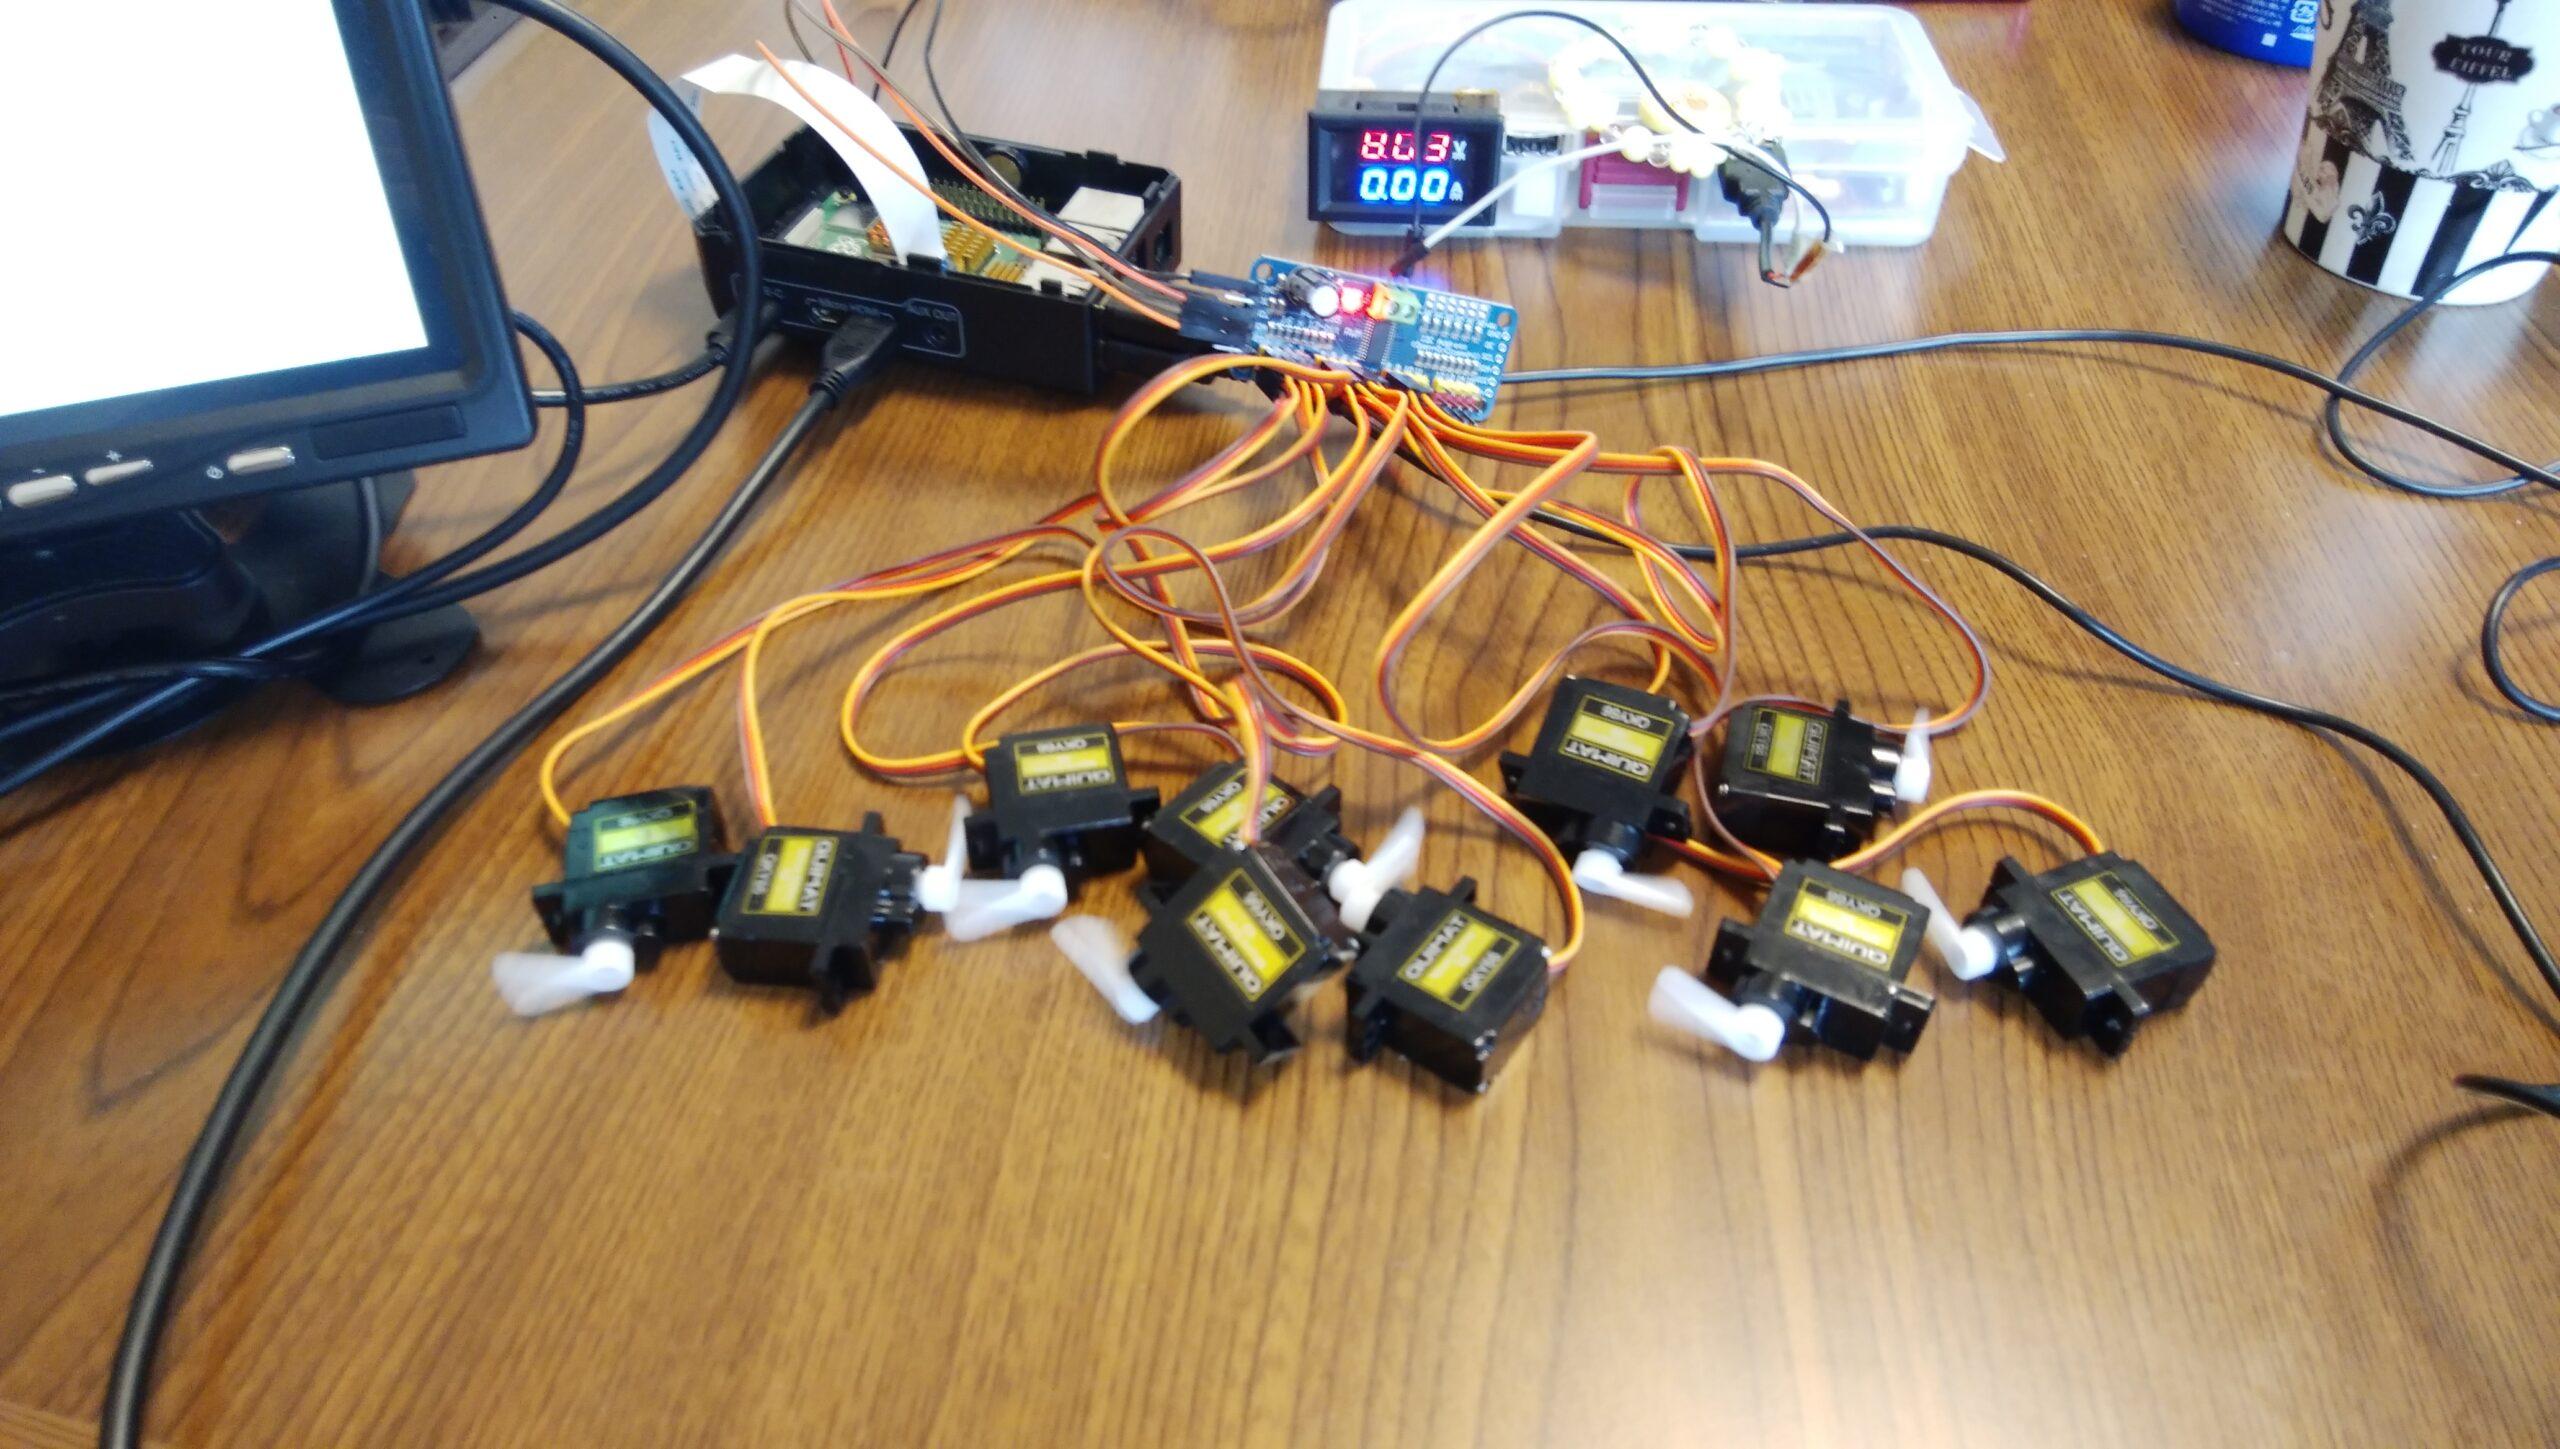 Raspberry piで2足歩行ロボットの作成①「とりあえずI2Cでサーボモーターを動かしてみる」